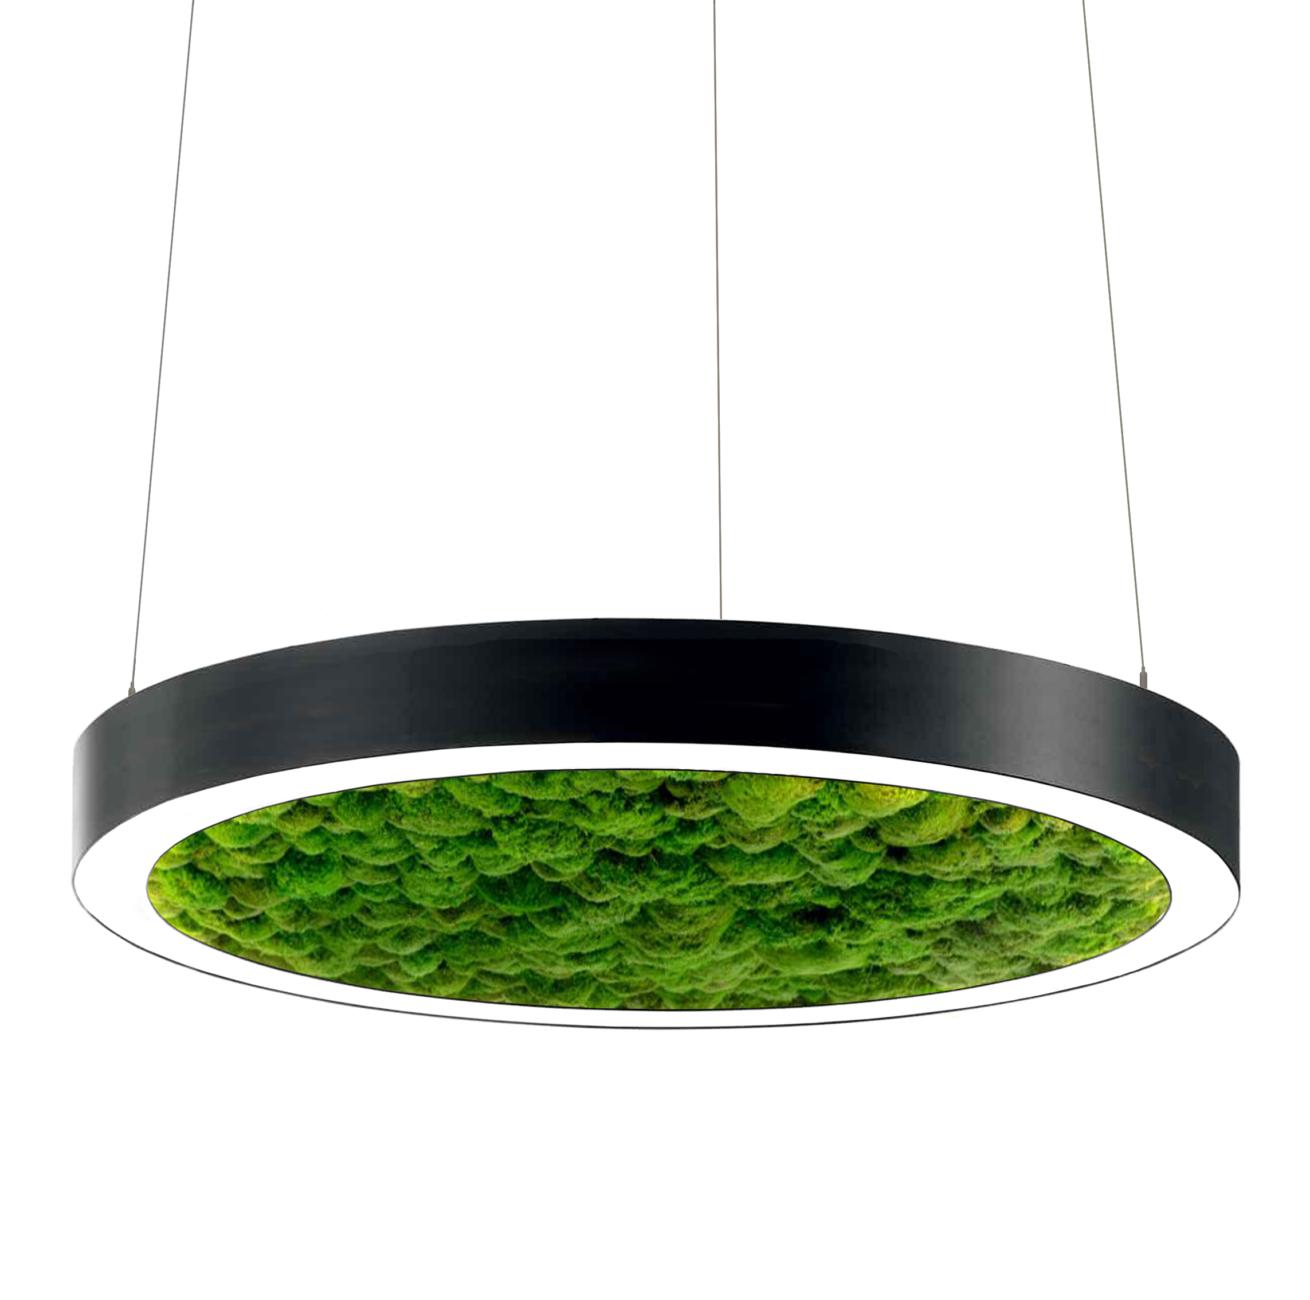 Светильник Moss 5060-1500мм. 4000К/3000К. 74W/152W купить во Владимире